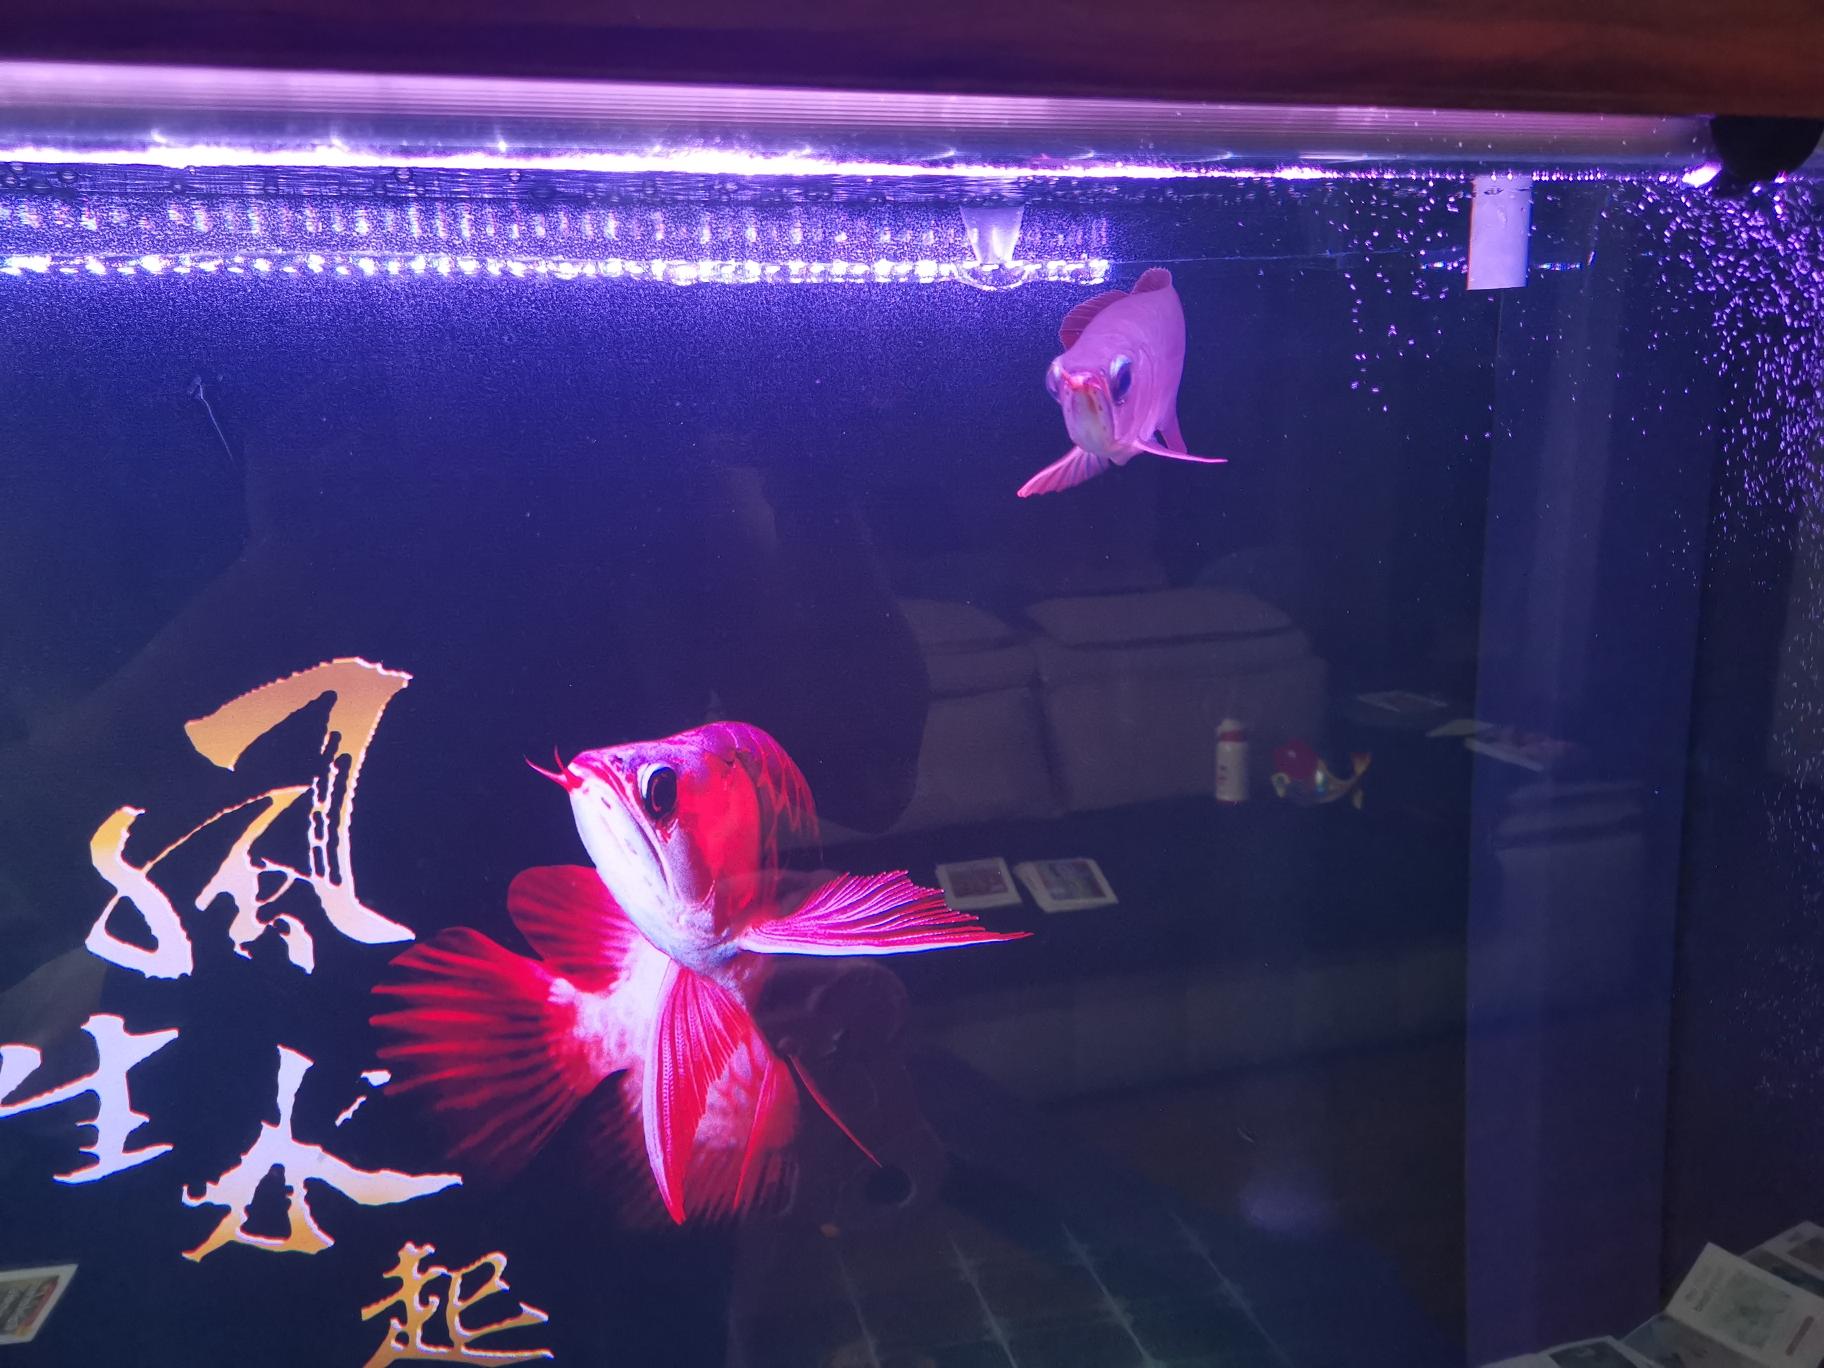 绵阳海鲜缸定做签到打卡红龙十二天 绵阳水族批发市场 绵阳水族批发市场第2张